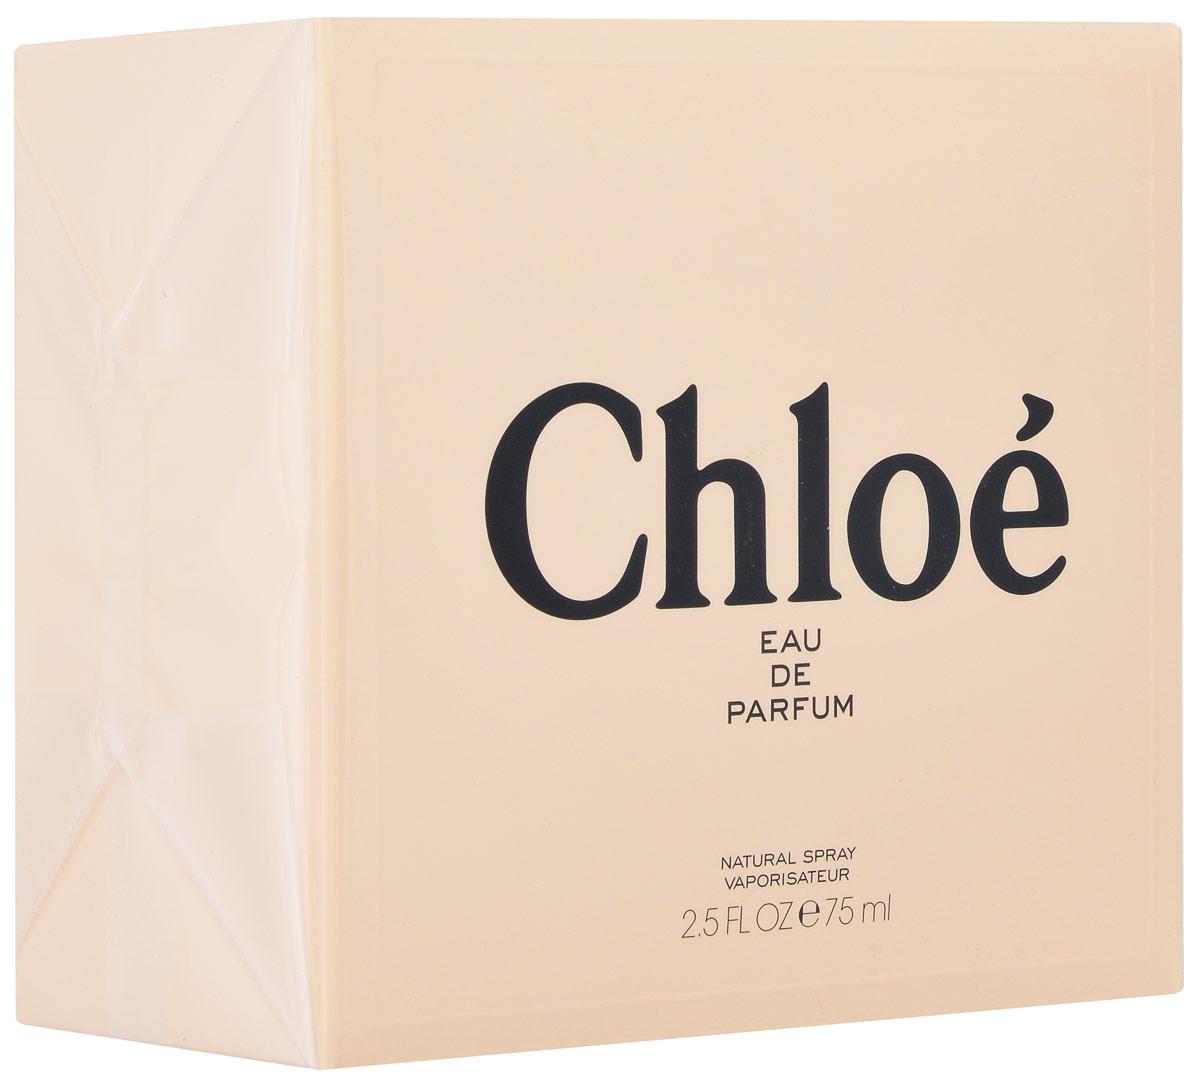 Chloe Signature Парфюмерная вода женская 75 мл64980409000Изысканность парфюмерной воды Chloe - неотъемлемый признак элегантности. Аромат вобрал в себя лучшие ноты своих предшественниц, но с начала звучания первых же собственных нот его выделяет особенная свежесть. Как и во всех вариациях ароматов Chloe, основой композиции является роза, но теперь она раскрывается с новой стороны, звучит легче и мягче, нежели когда-либо. Парфюмер Мишель Альмайрак (Michel Almairac) (Robertet), создатель парфюмерной воды Chloe и последующих ее вариаций - изобрел этот свежий, мускусный, цветочный аромат совместно с Сидони Лансессер (Sidonie Lancesseur). В центре внимания композиции - чистая роза, вокруг которой авторы, словно флористы, собрали чудесный букет. Вначале они добавили бергамот, пробуждая наше любопытство. Затем - цветки магнолии и гардении. Свежее благоухание с едва уловимой ноткой лимона обрамляет букет белых роз. Розовые бутоны, покрытые утренней росой, тонут в аромате белых лепестков, смягченных пуховым мускусом. Chloe источает чувственность и...